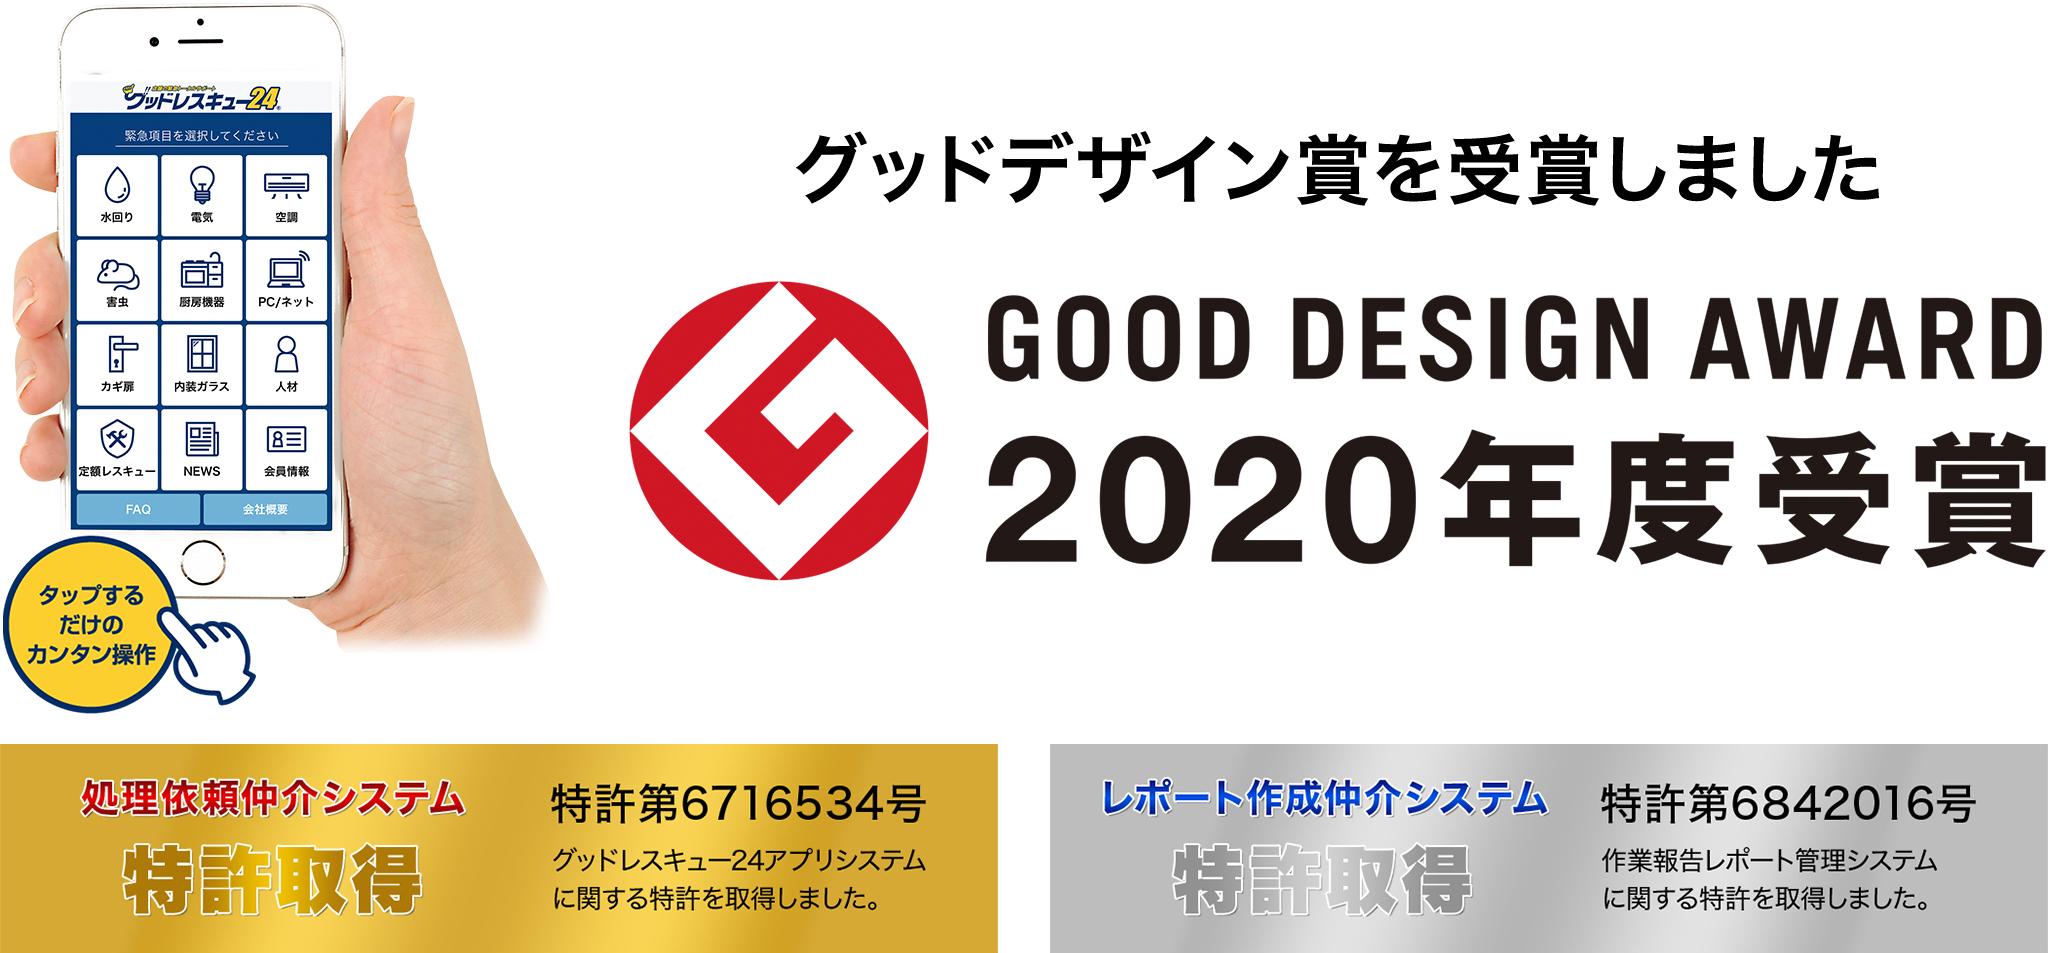 グッドデザイン賞を受賞しました。Good Design Award 2020年度受賞